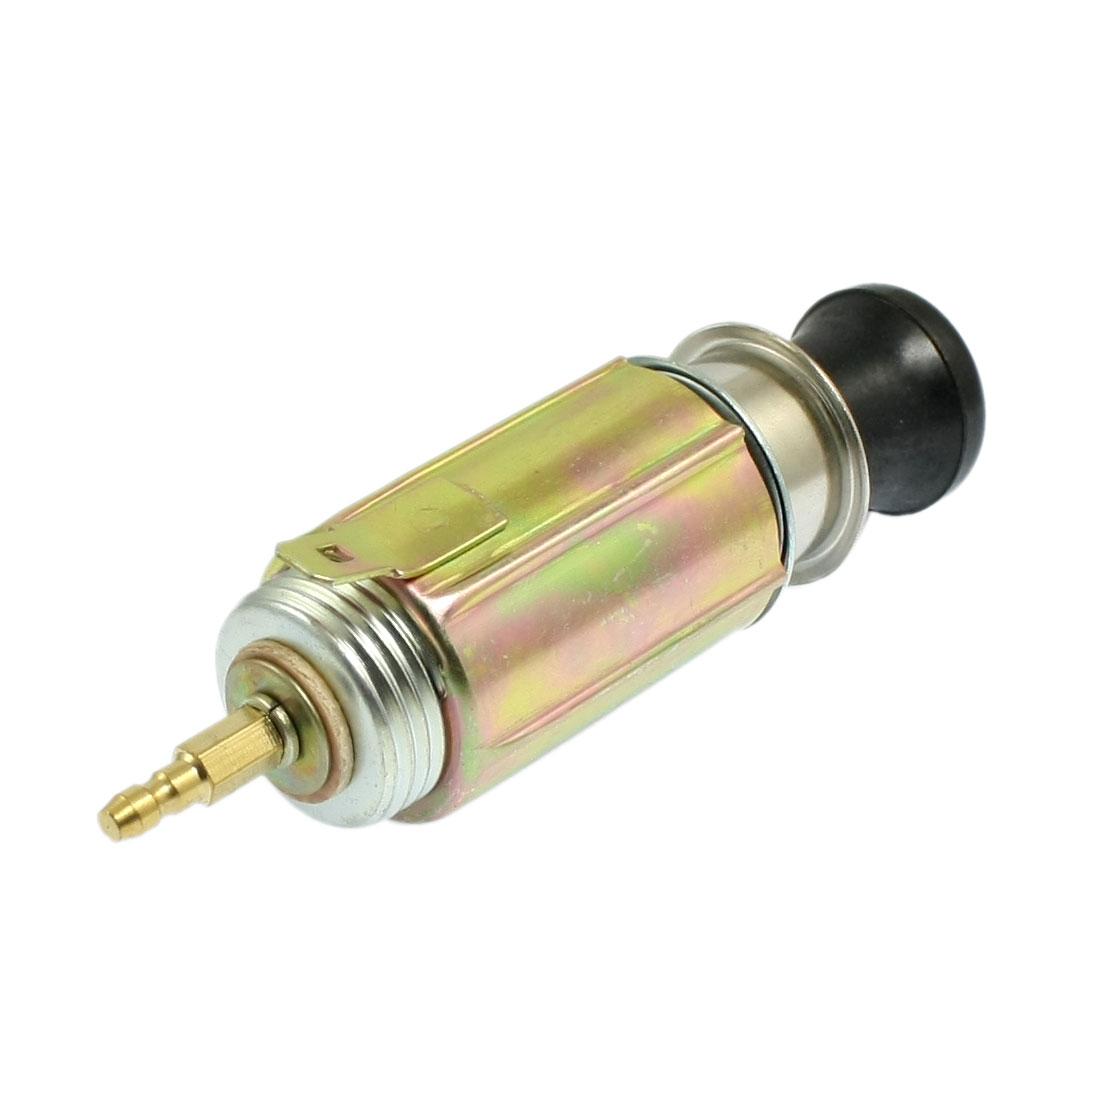 Portable Auto Car Wire Lead Cigarette Lighter Plug DC 12V